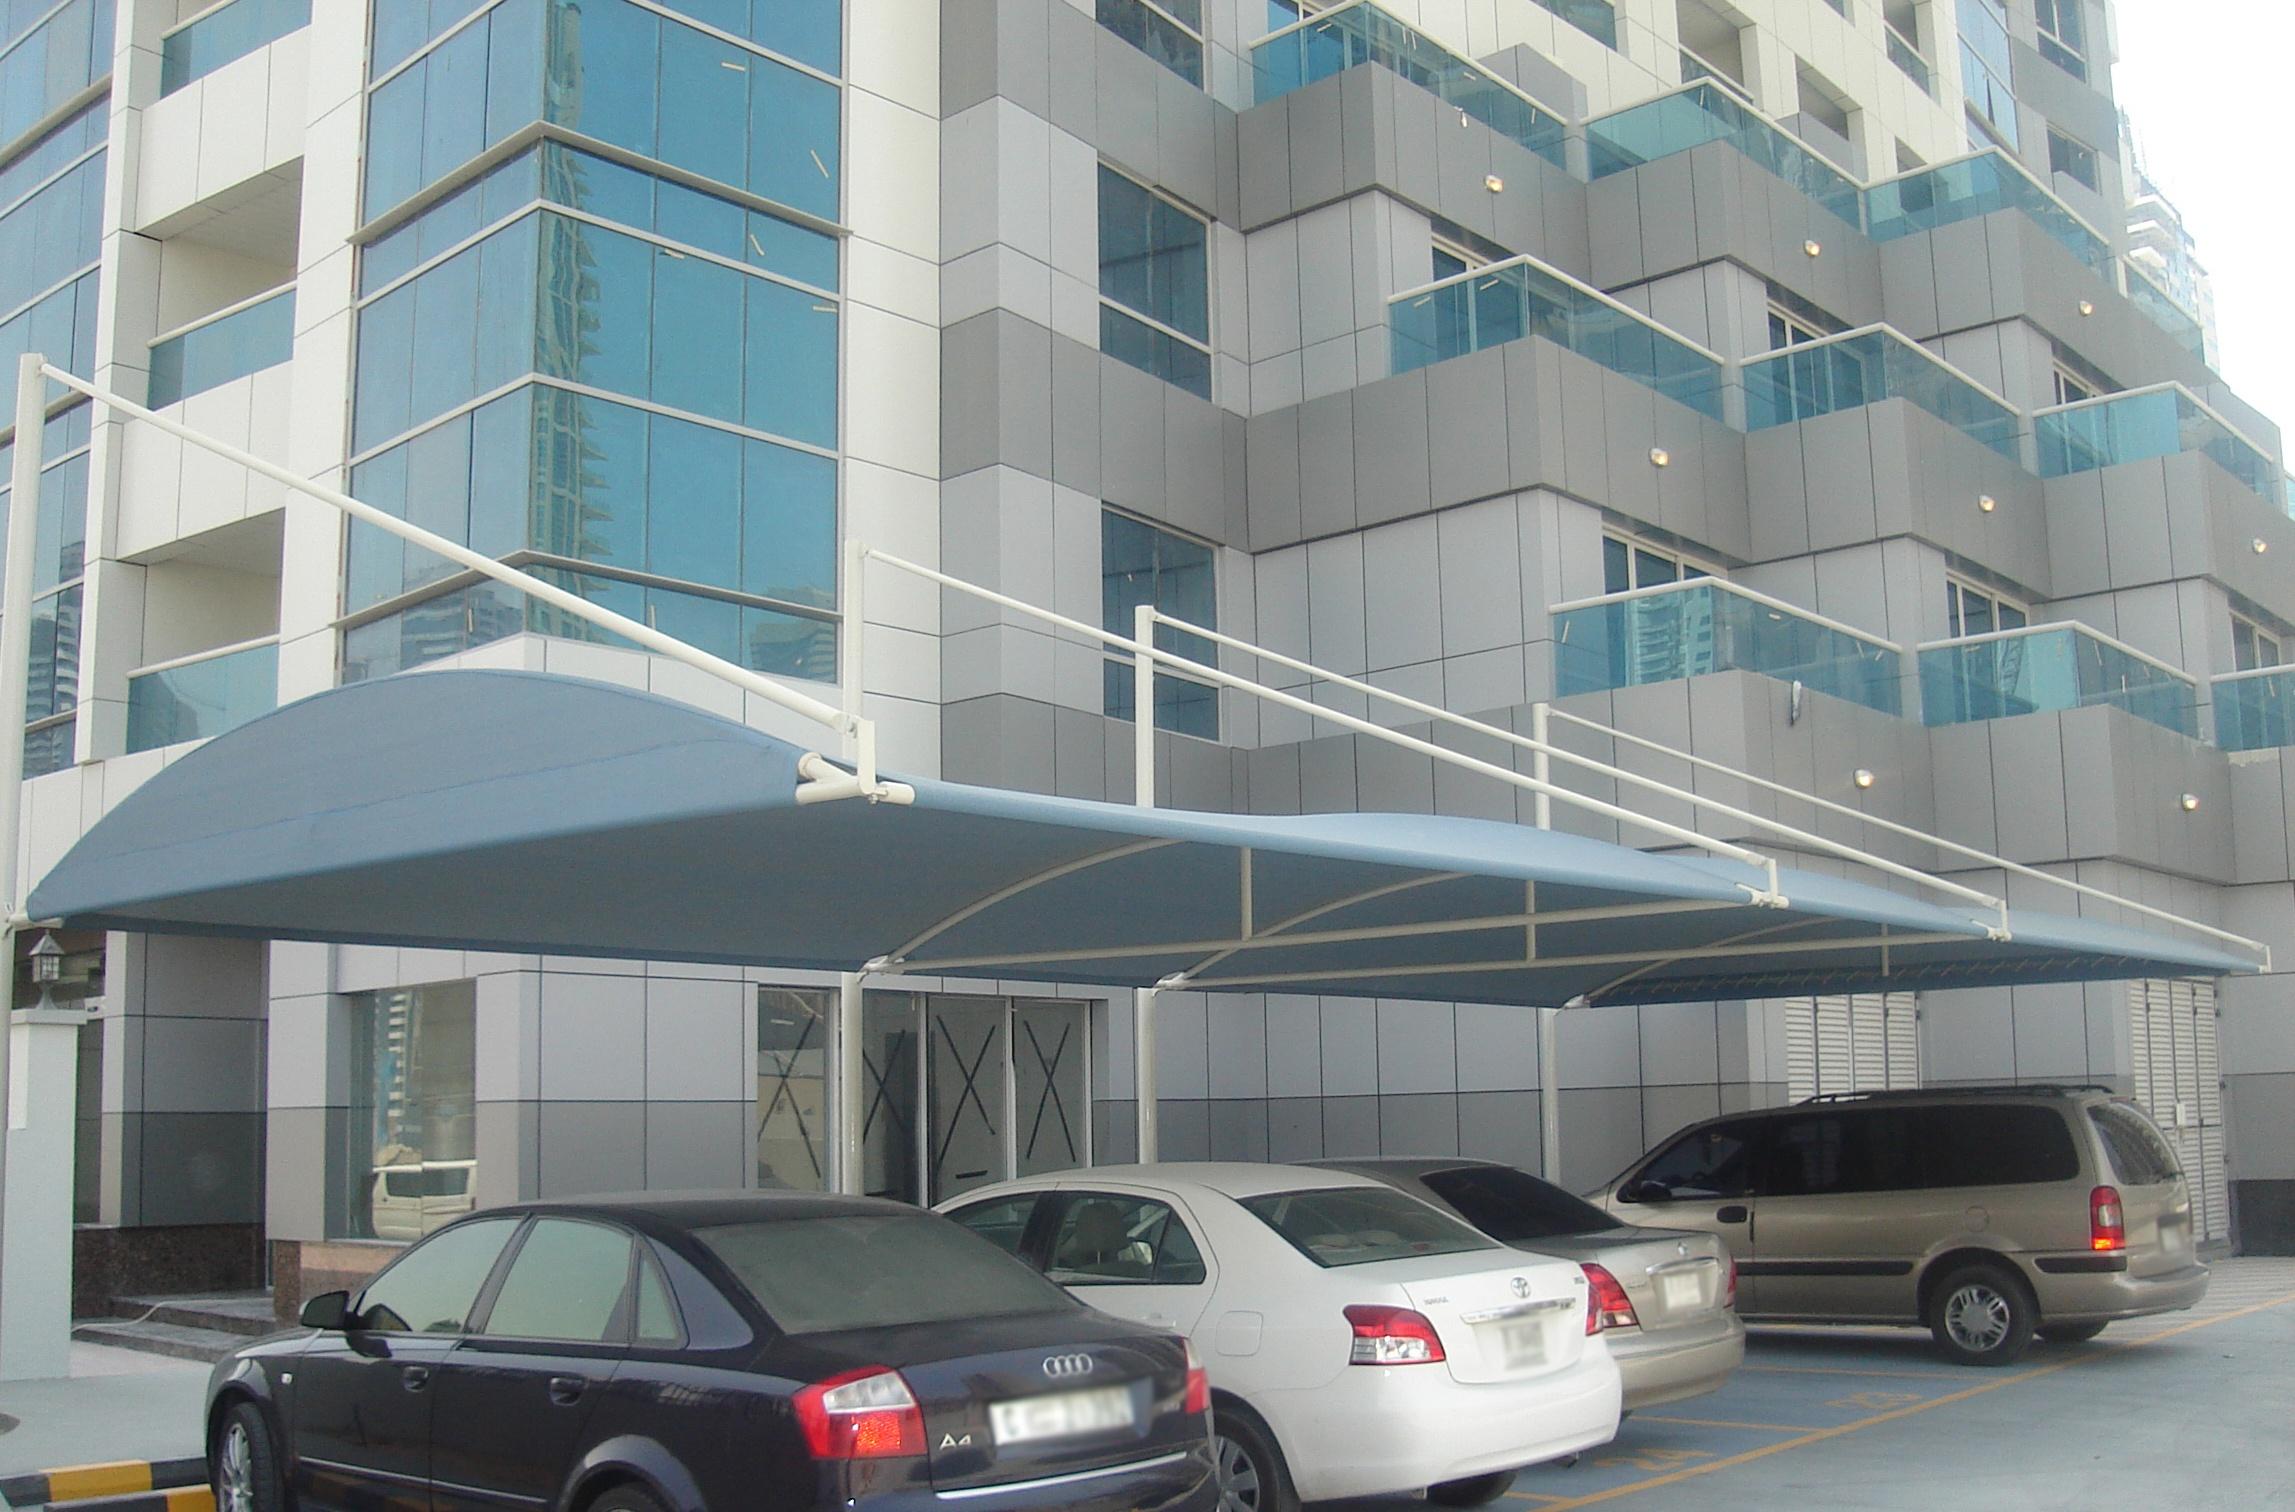 Carpark Shade, Client-Marina Diamont 2,  Dubai[1]